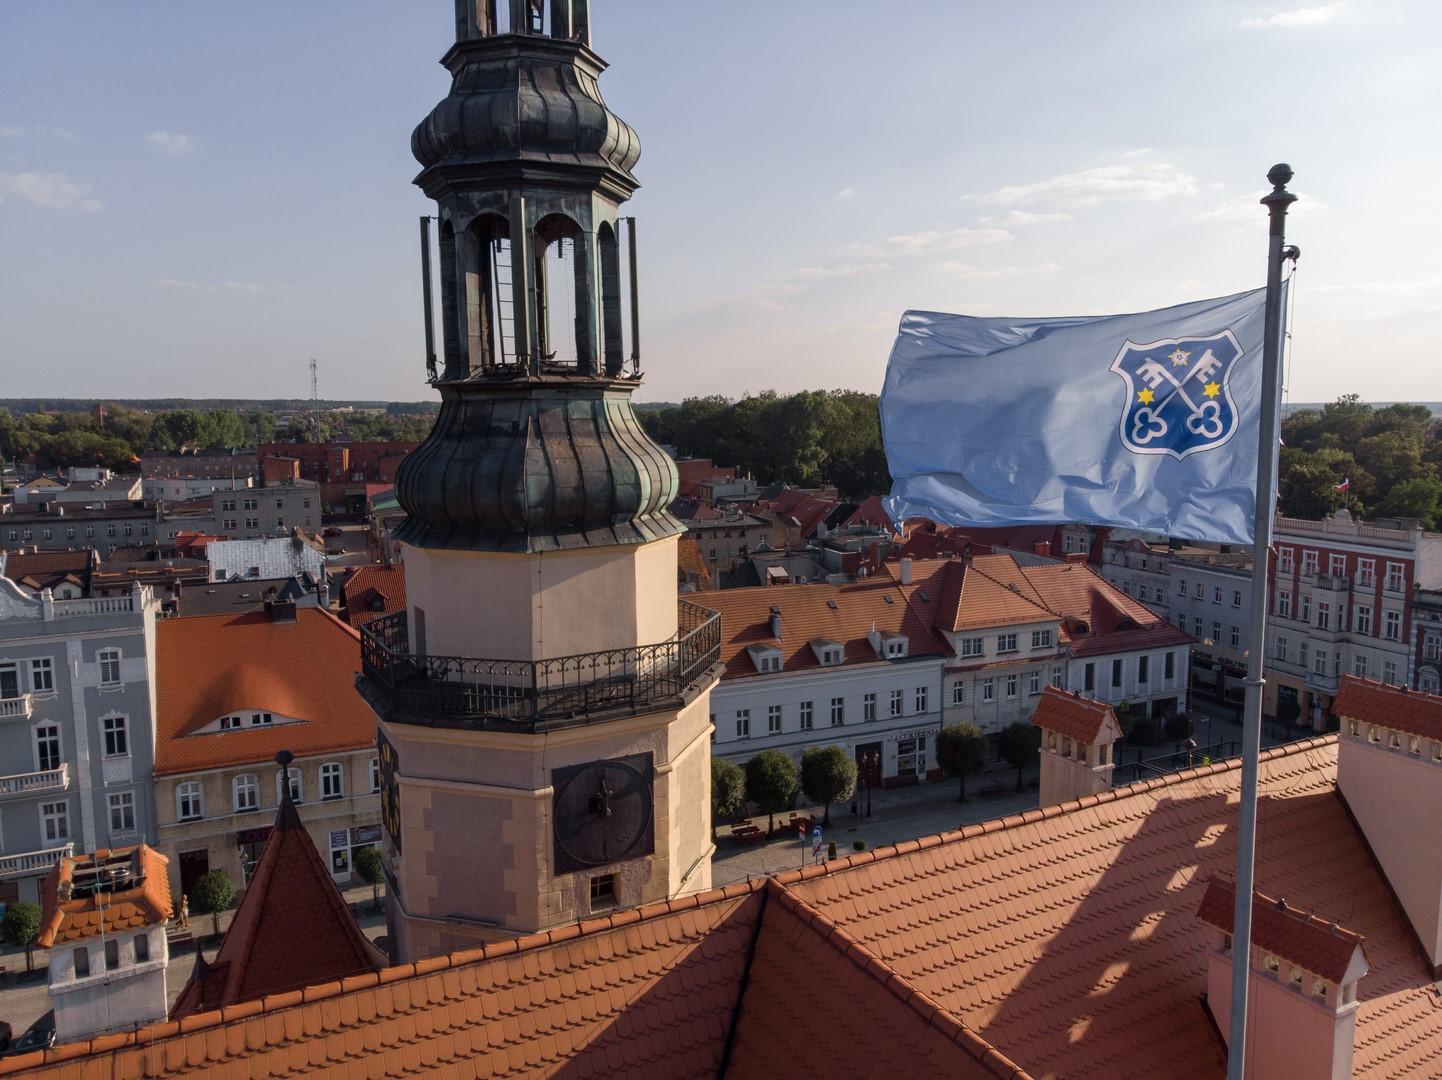 Miasto i Gmina Krotoszyn. Podsumowanie półmetku kadencji 2019-2021 - Zdjęcie główne